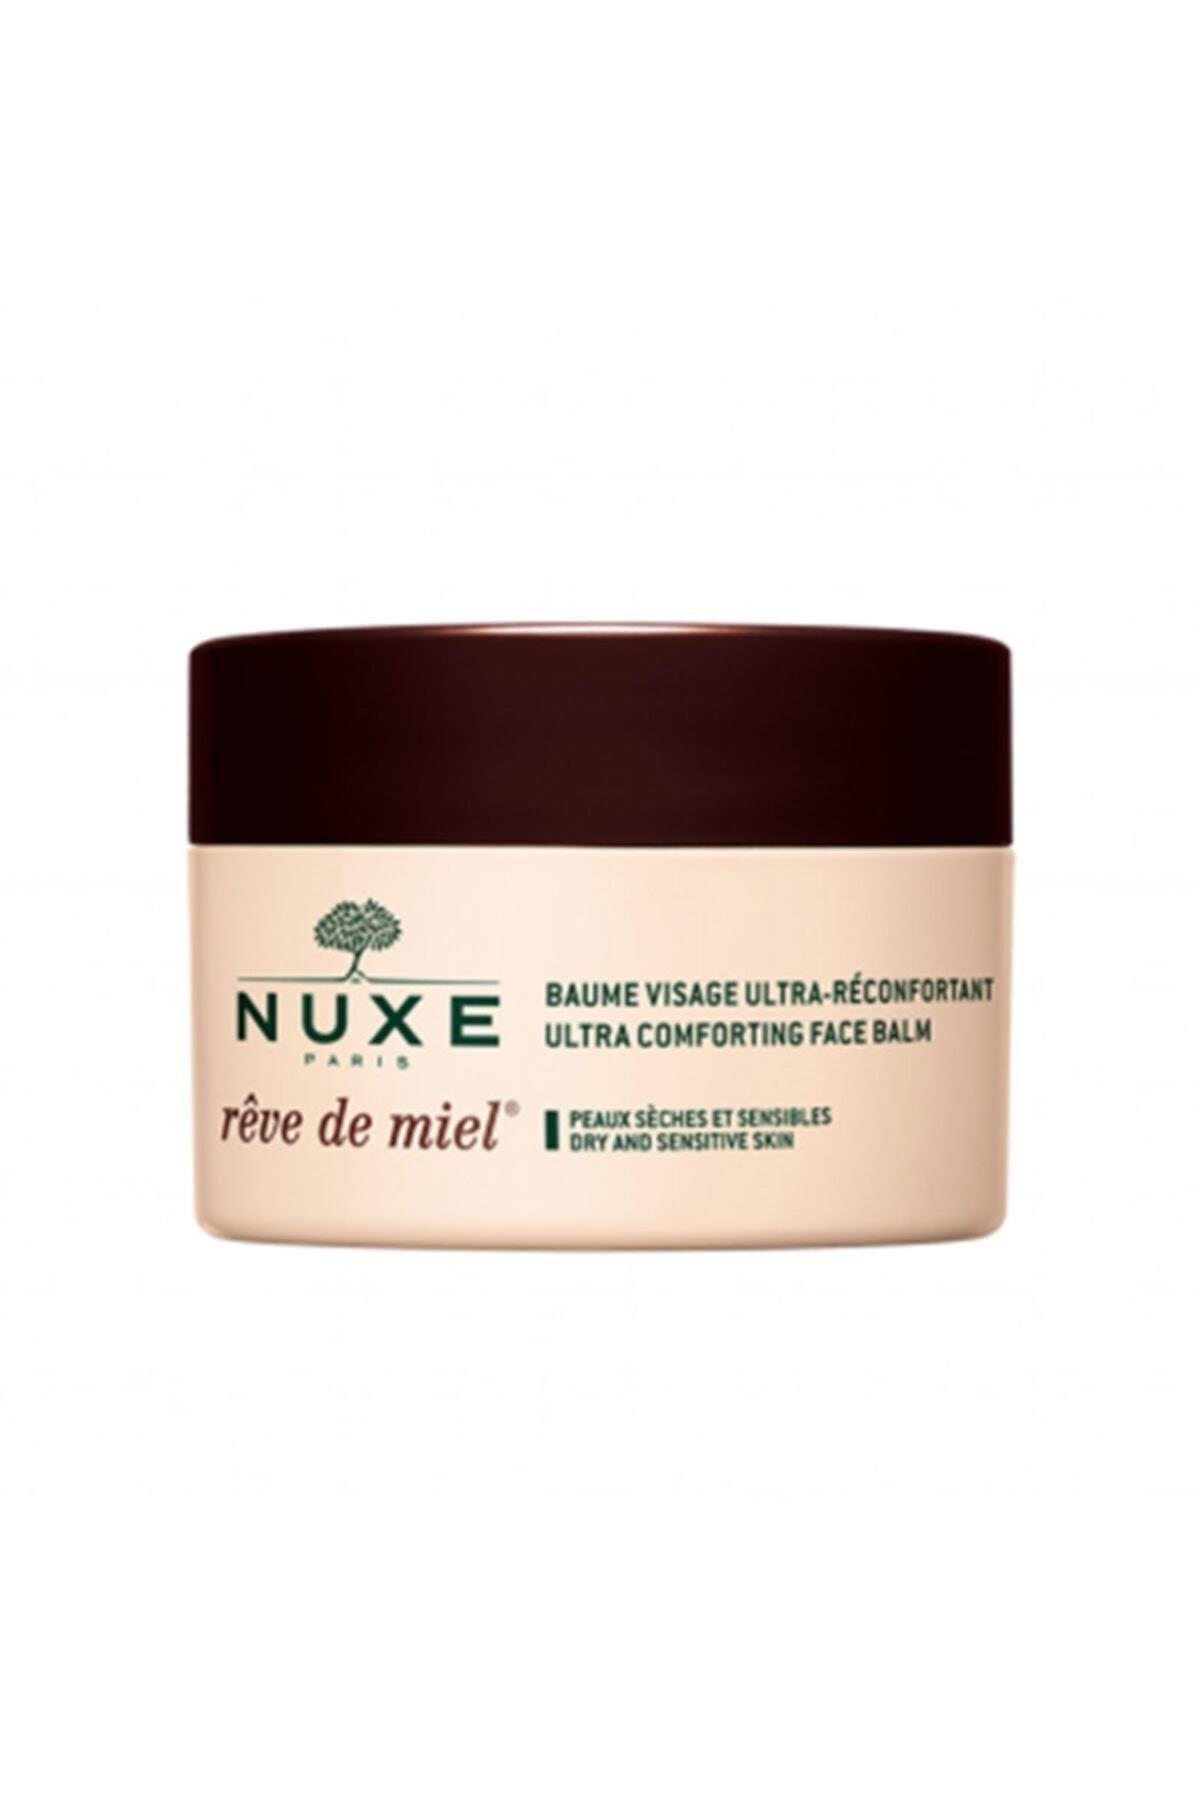 Ultra Comforting Face Balm 50 ml Rahatlatıcı Yüz Balsamı